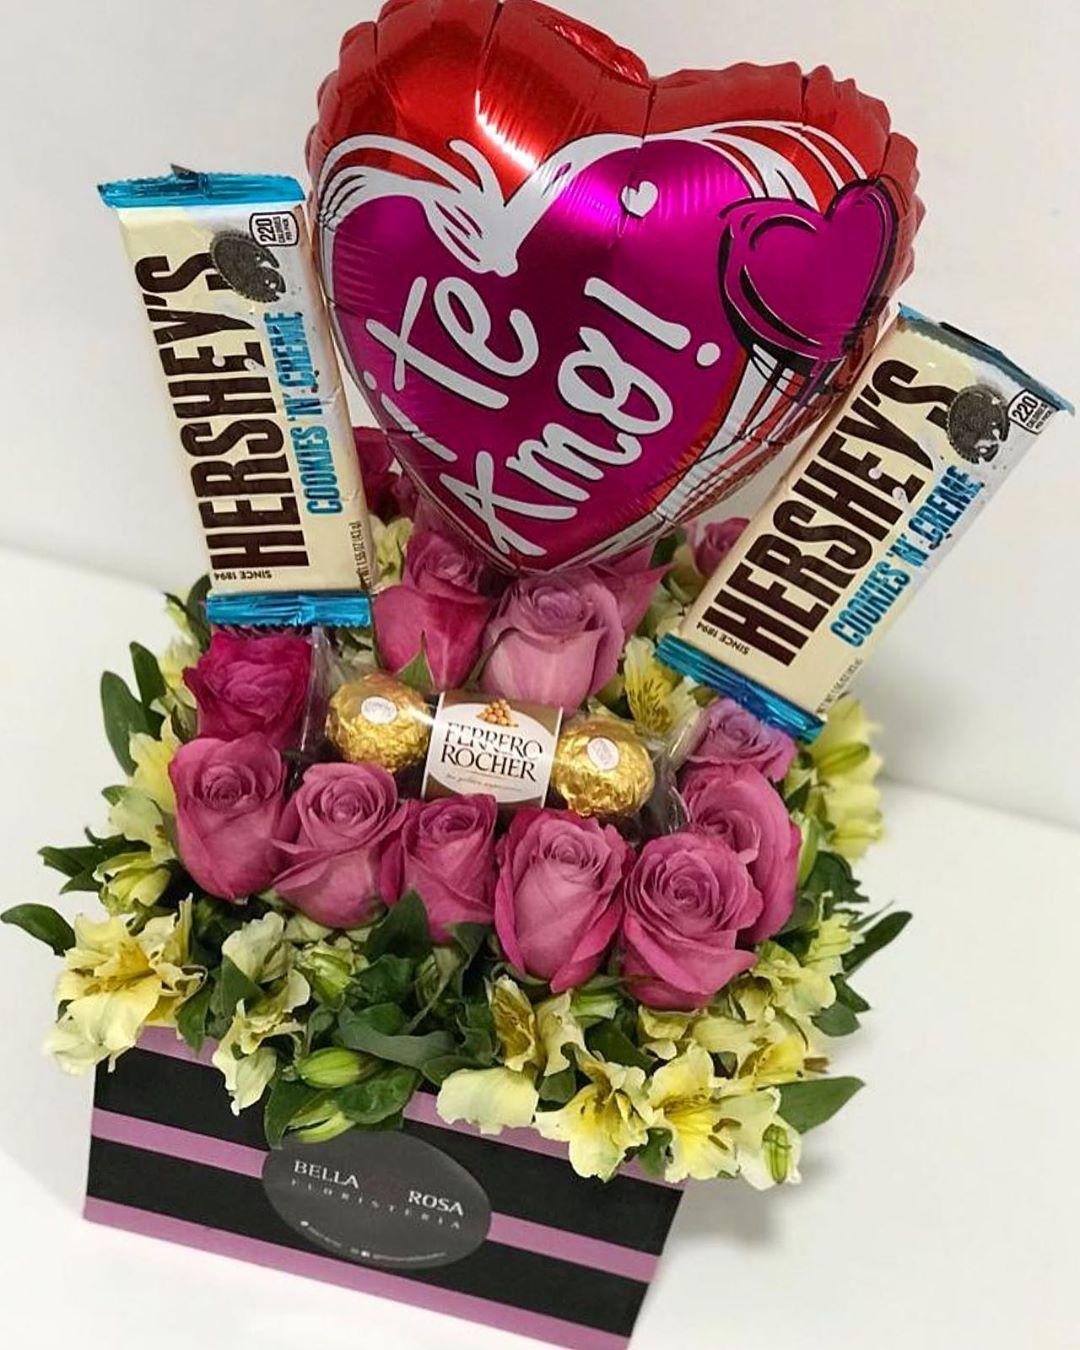 La sonrisa es mía, pero el motivo eres tú 💗💗💗 . .  Pedidos al WhatsApp al +51 986218750. 🚕🚕 Hacemos envíos en  Lima-Peru 🇵🇪 y Caracas -Venezuela 🇻🇪 . .  #floristeriabellarosaperu #floristeria #floresadomicilio #floristeriaenlima #happybirthday  #cumpleaños #rosas #roses #peluche #corazon  #regalo #gift  #globos #balloons #amor #love #cajaderosas #cajaderosa #venezolanosenlima